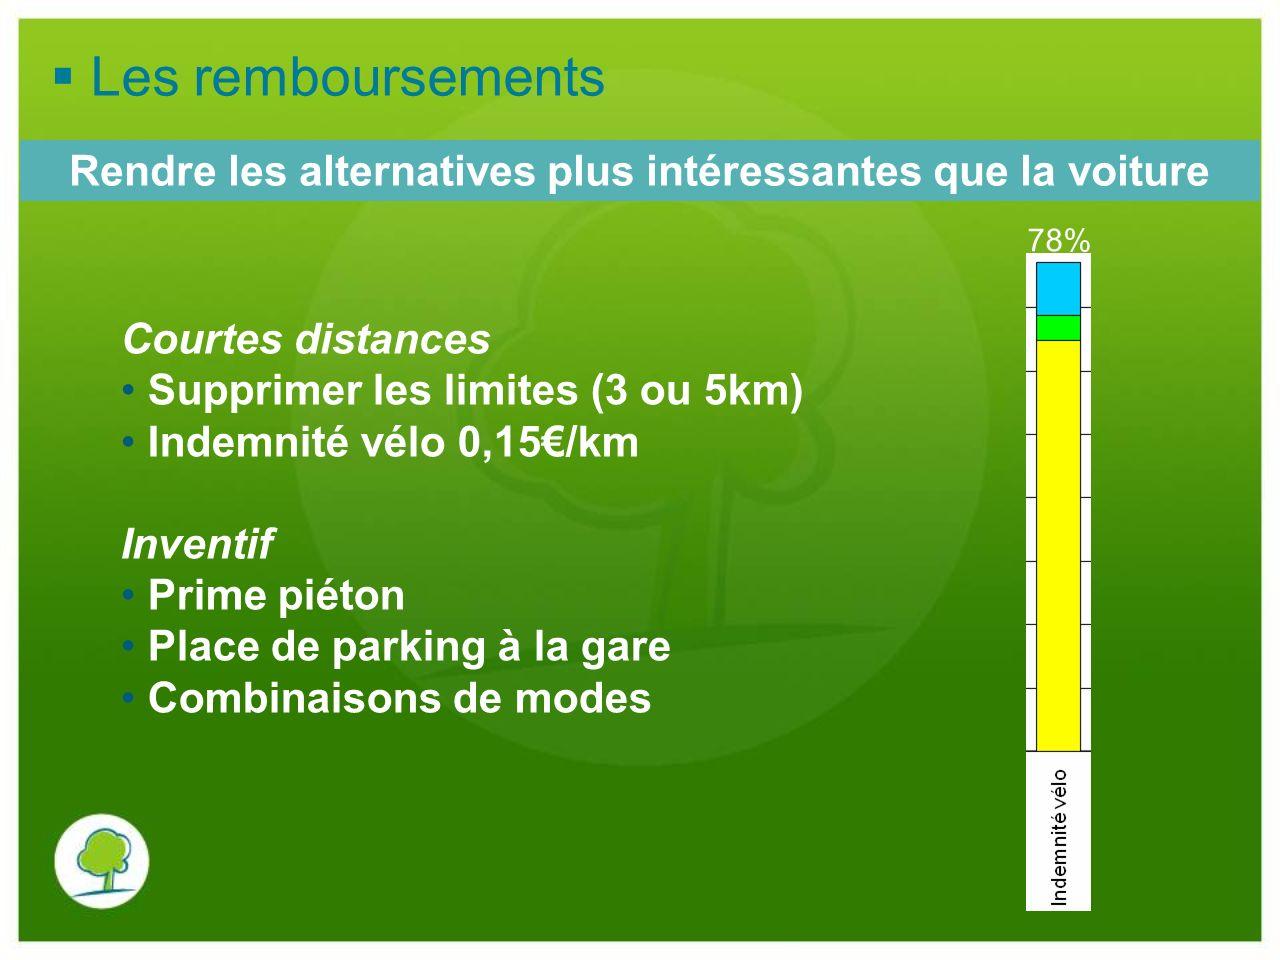 Courtes distances Supprimer les limites (3 ou 5km) Indemnité vélo 0,15/km Inventif Prime piéton Place de parking à la gare Combinaisons de modes Rendr